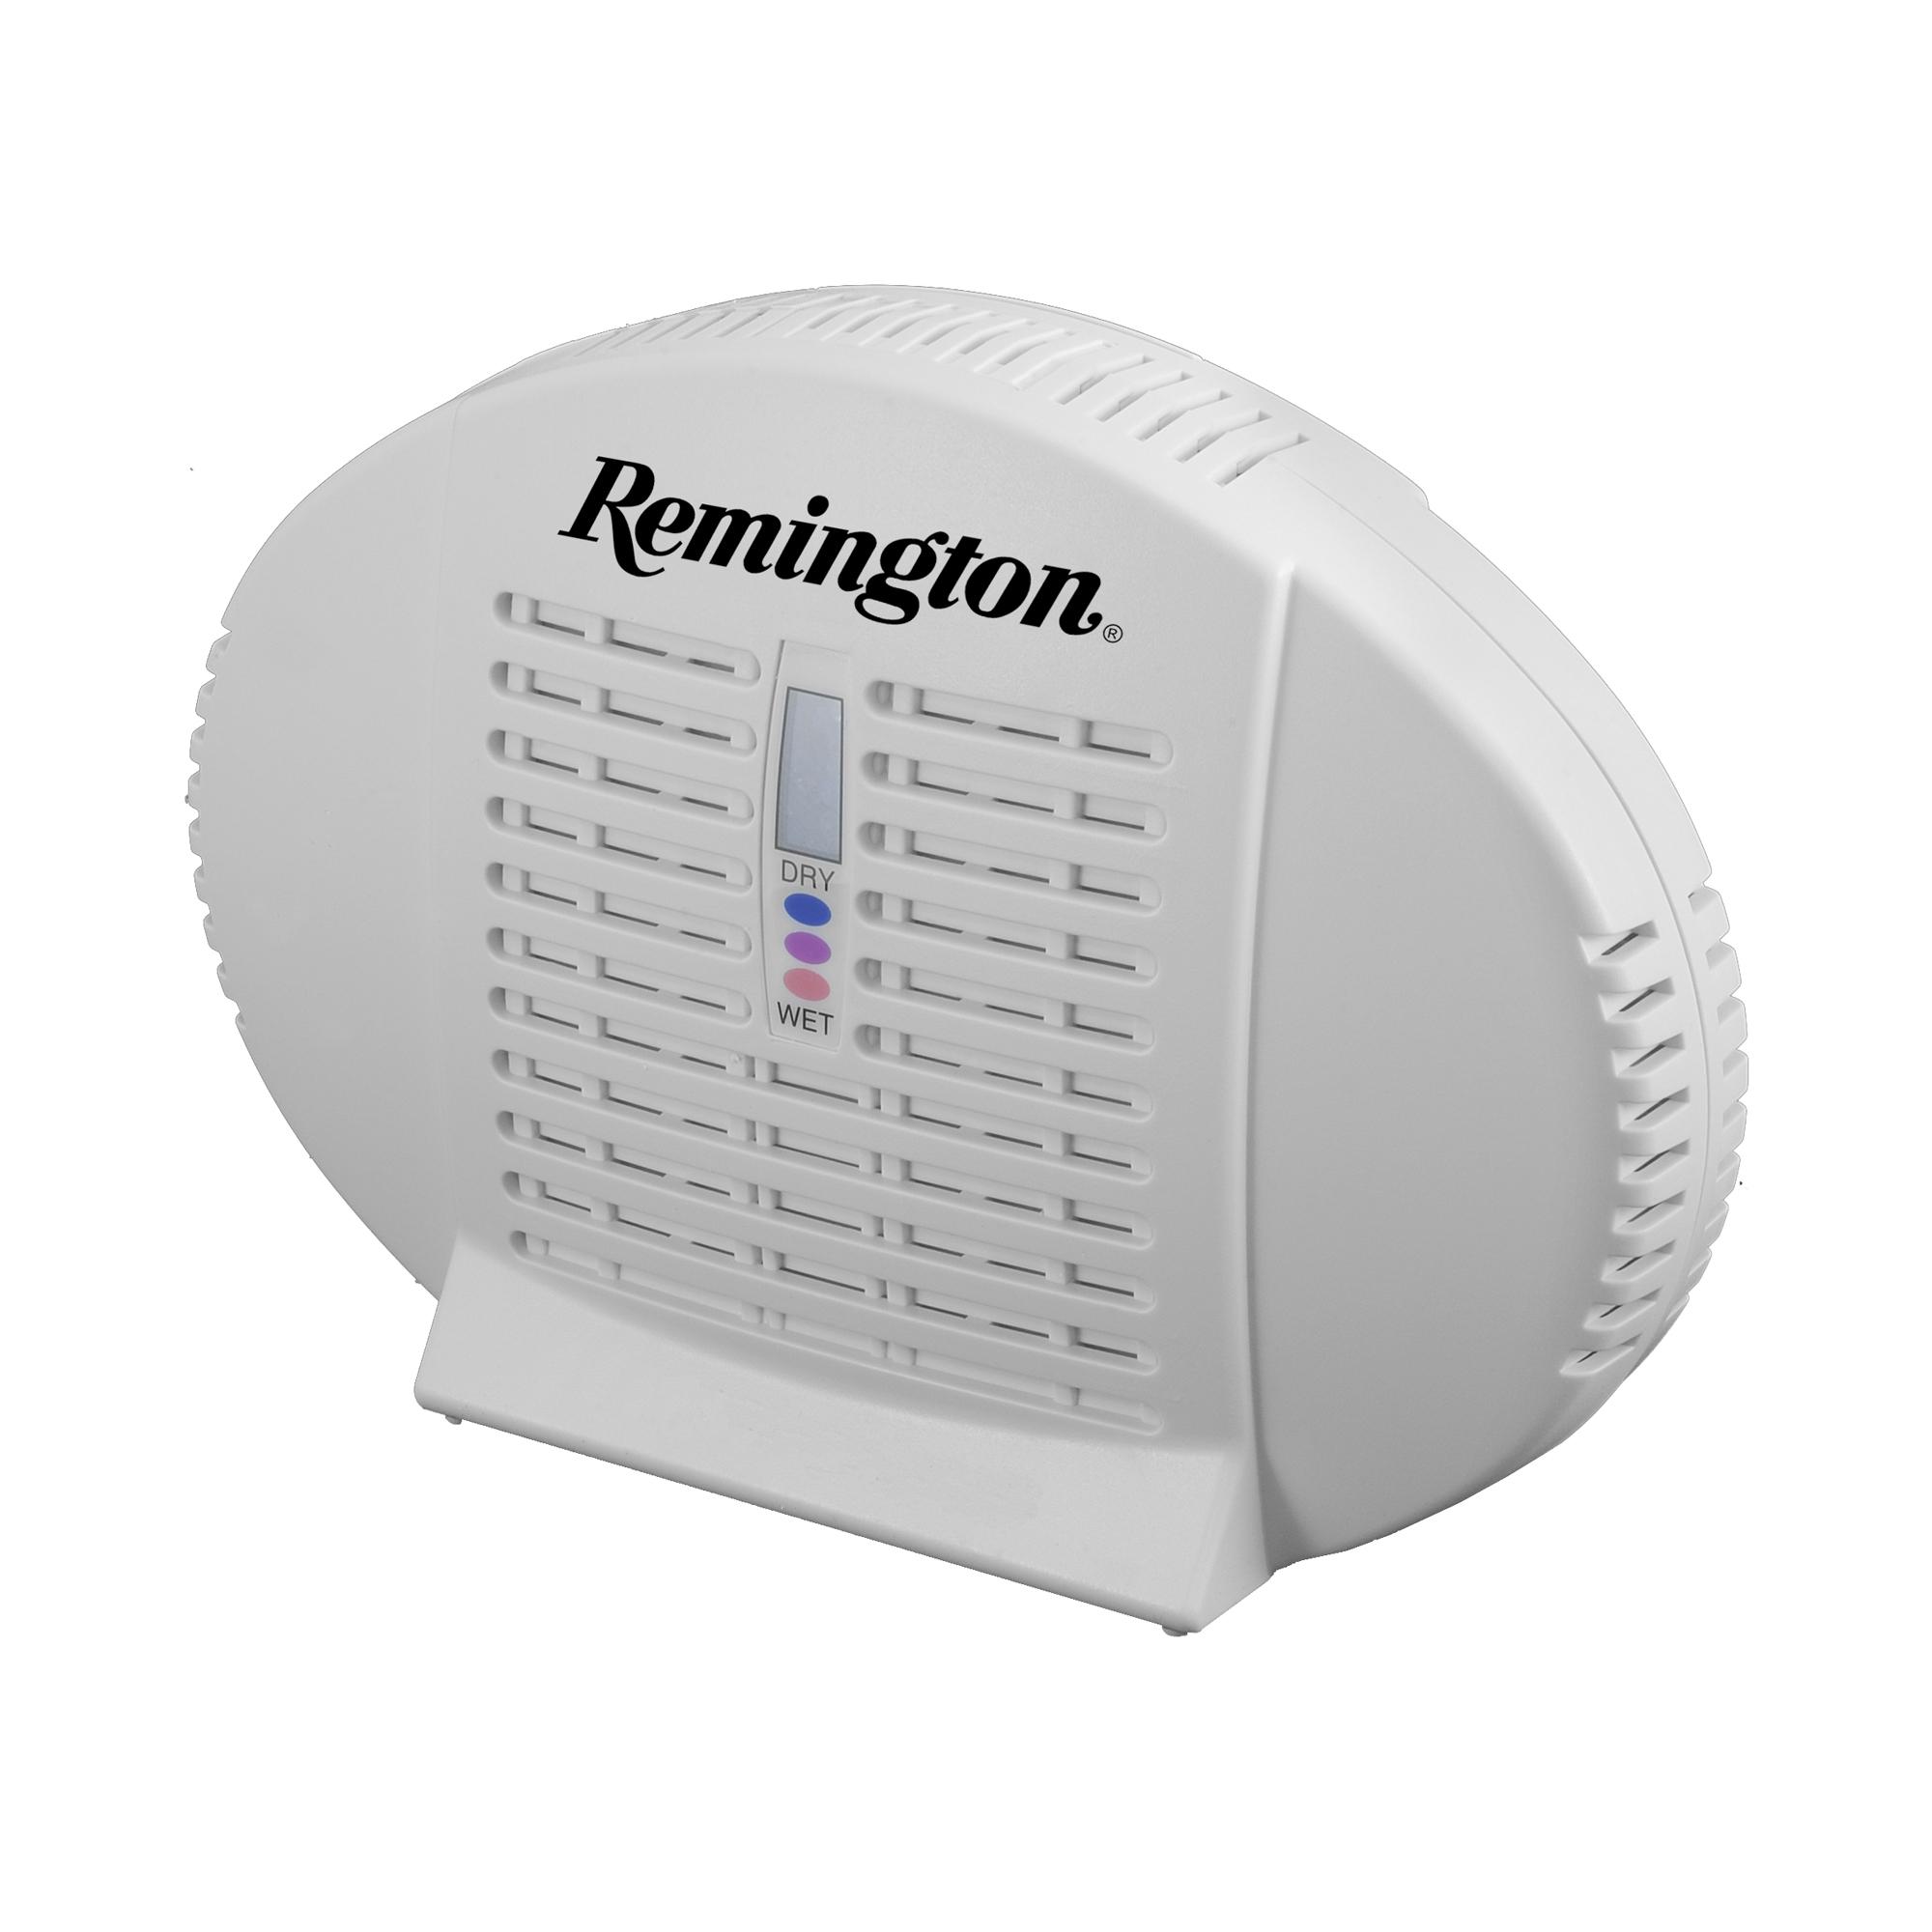 Rem Mdl 500 Dehumidifier Rechargable